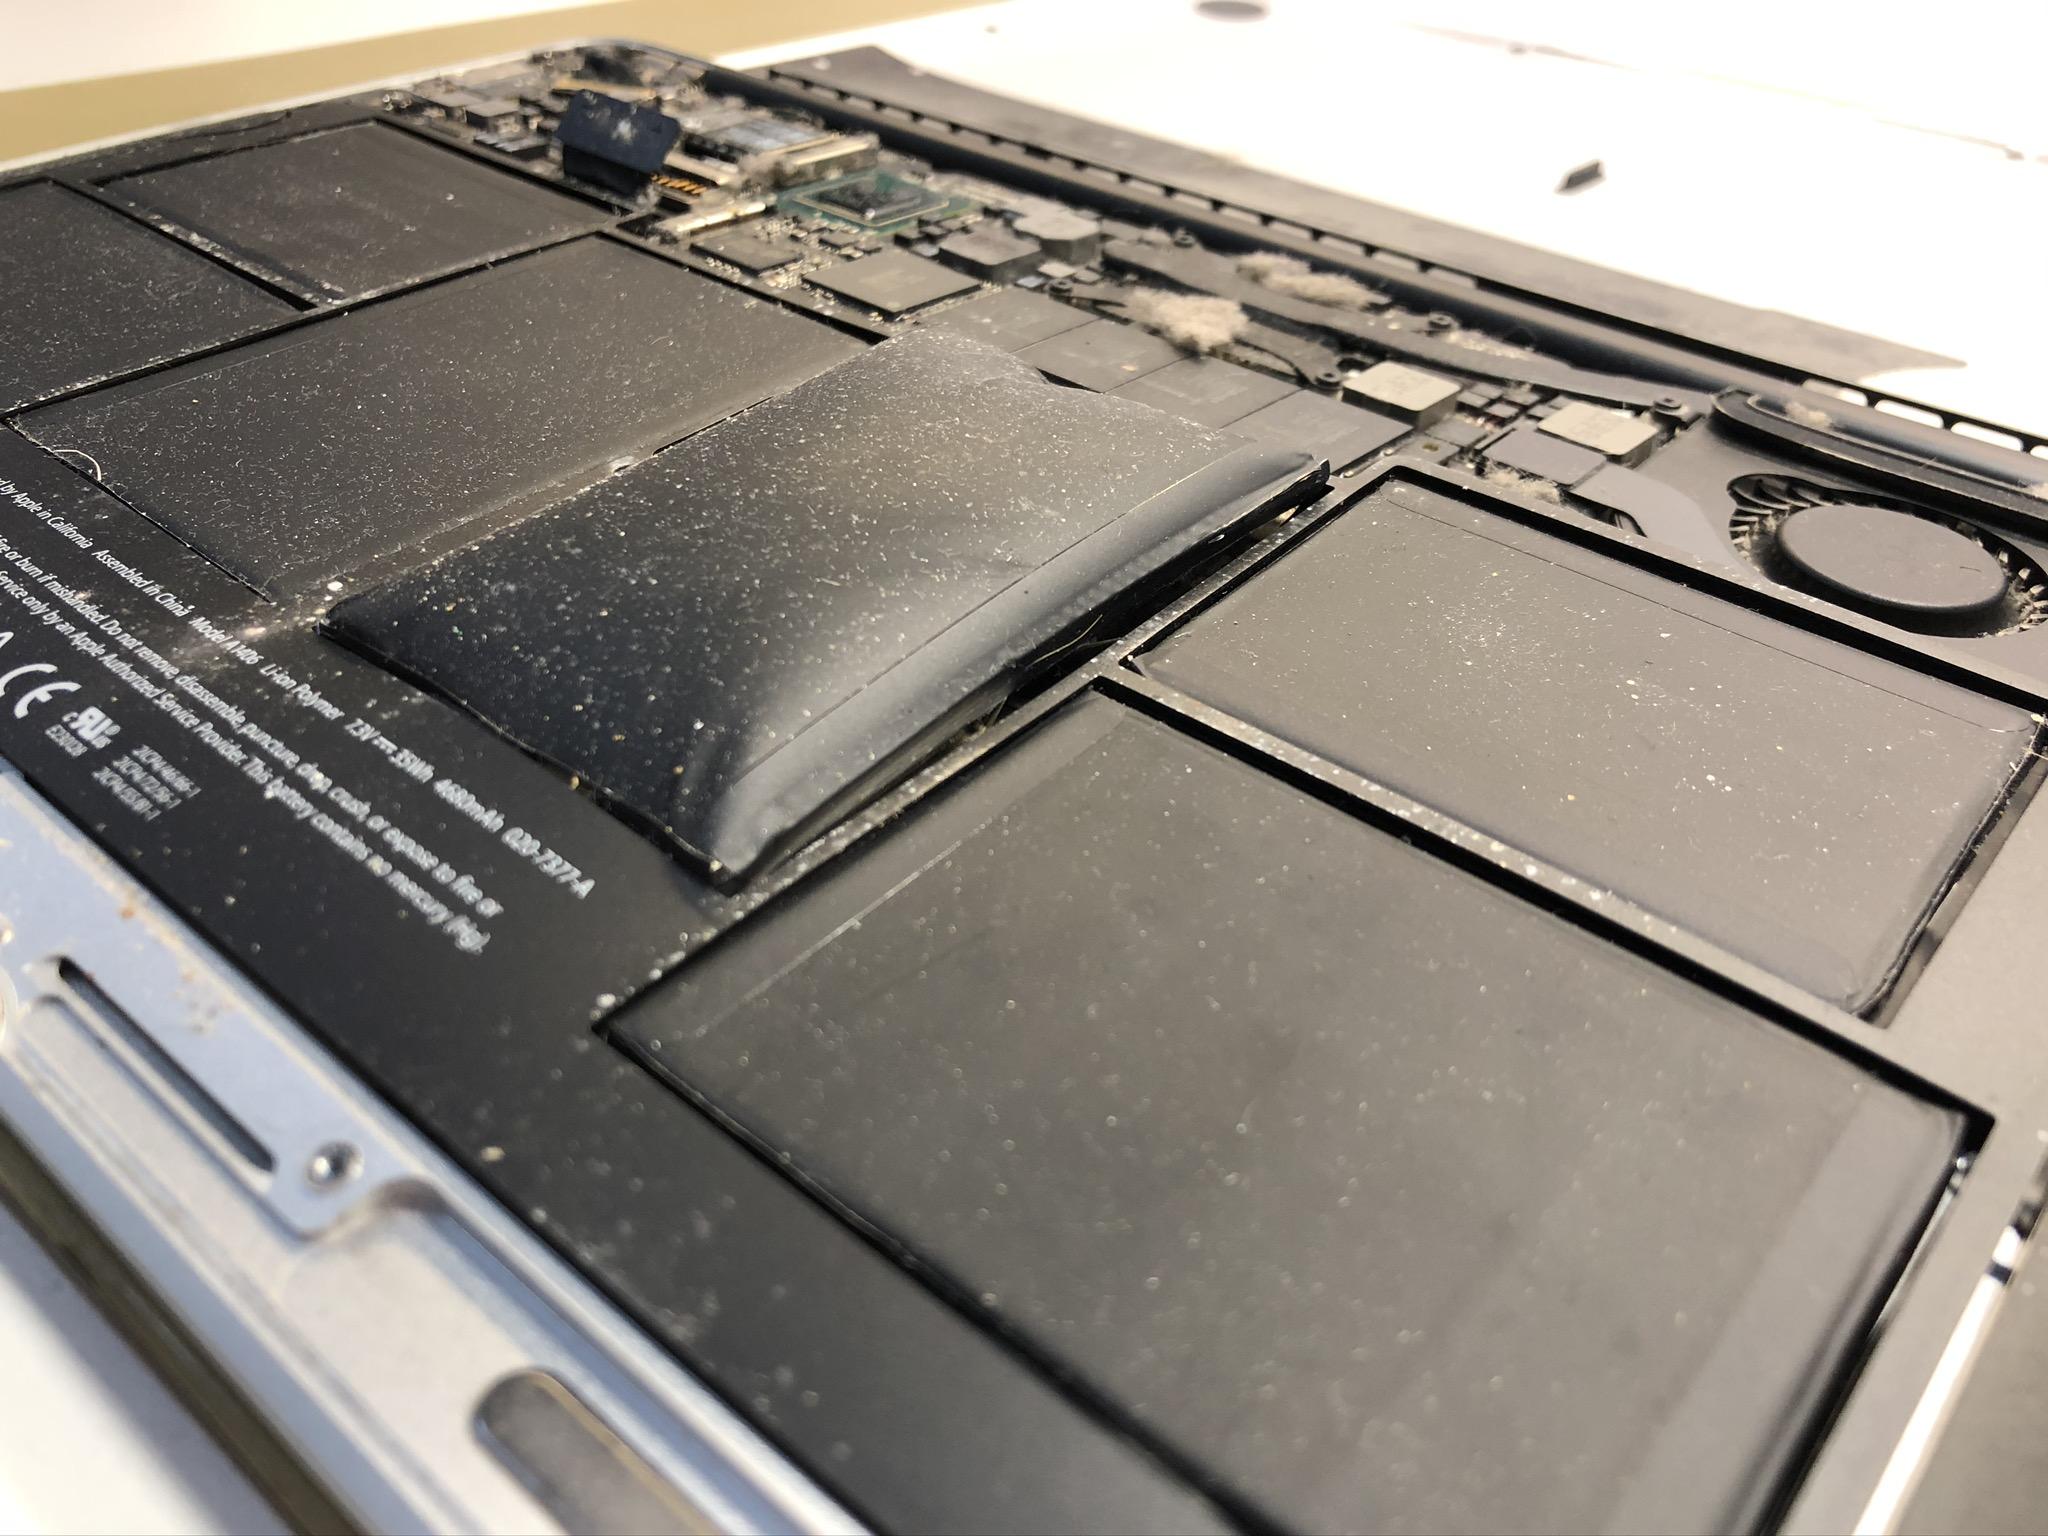 macbook air со вздувшейся батареей 2